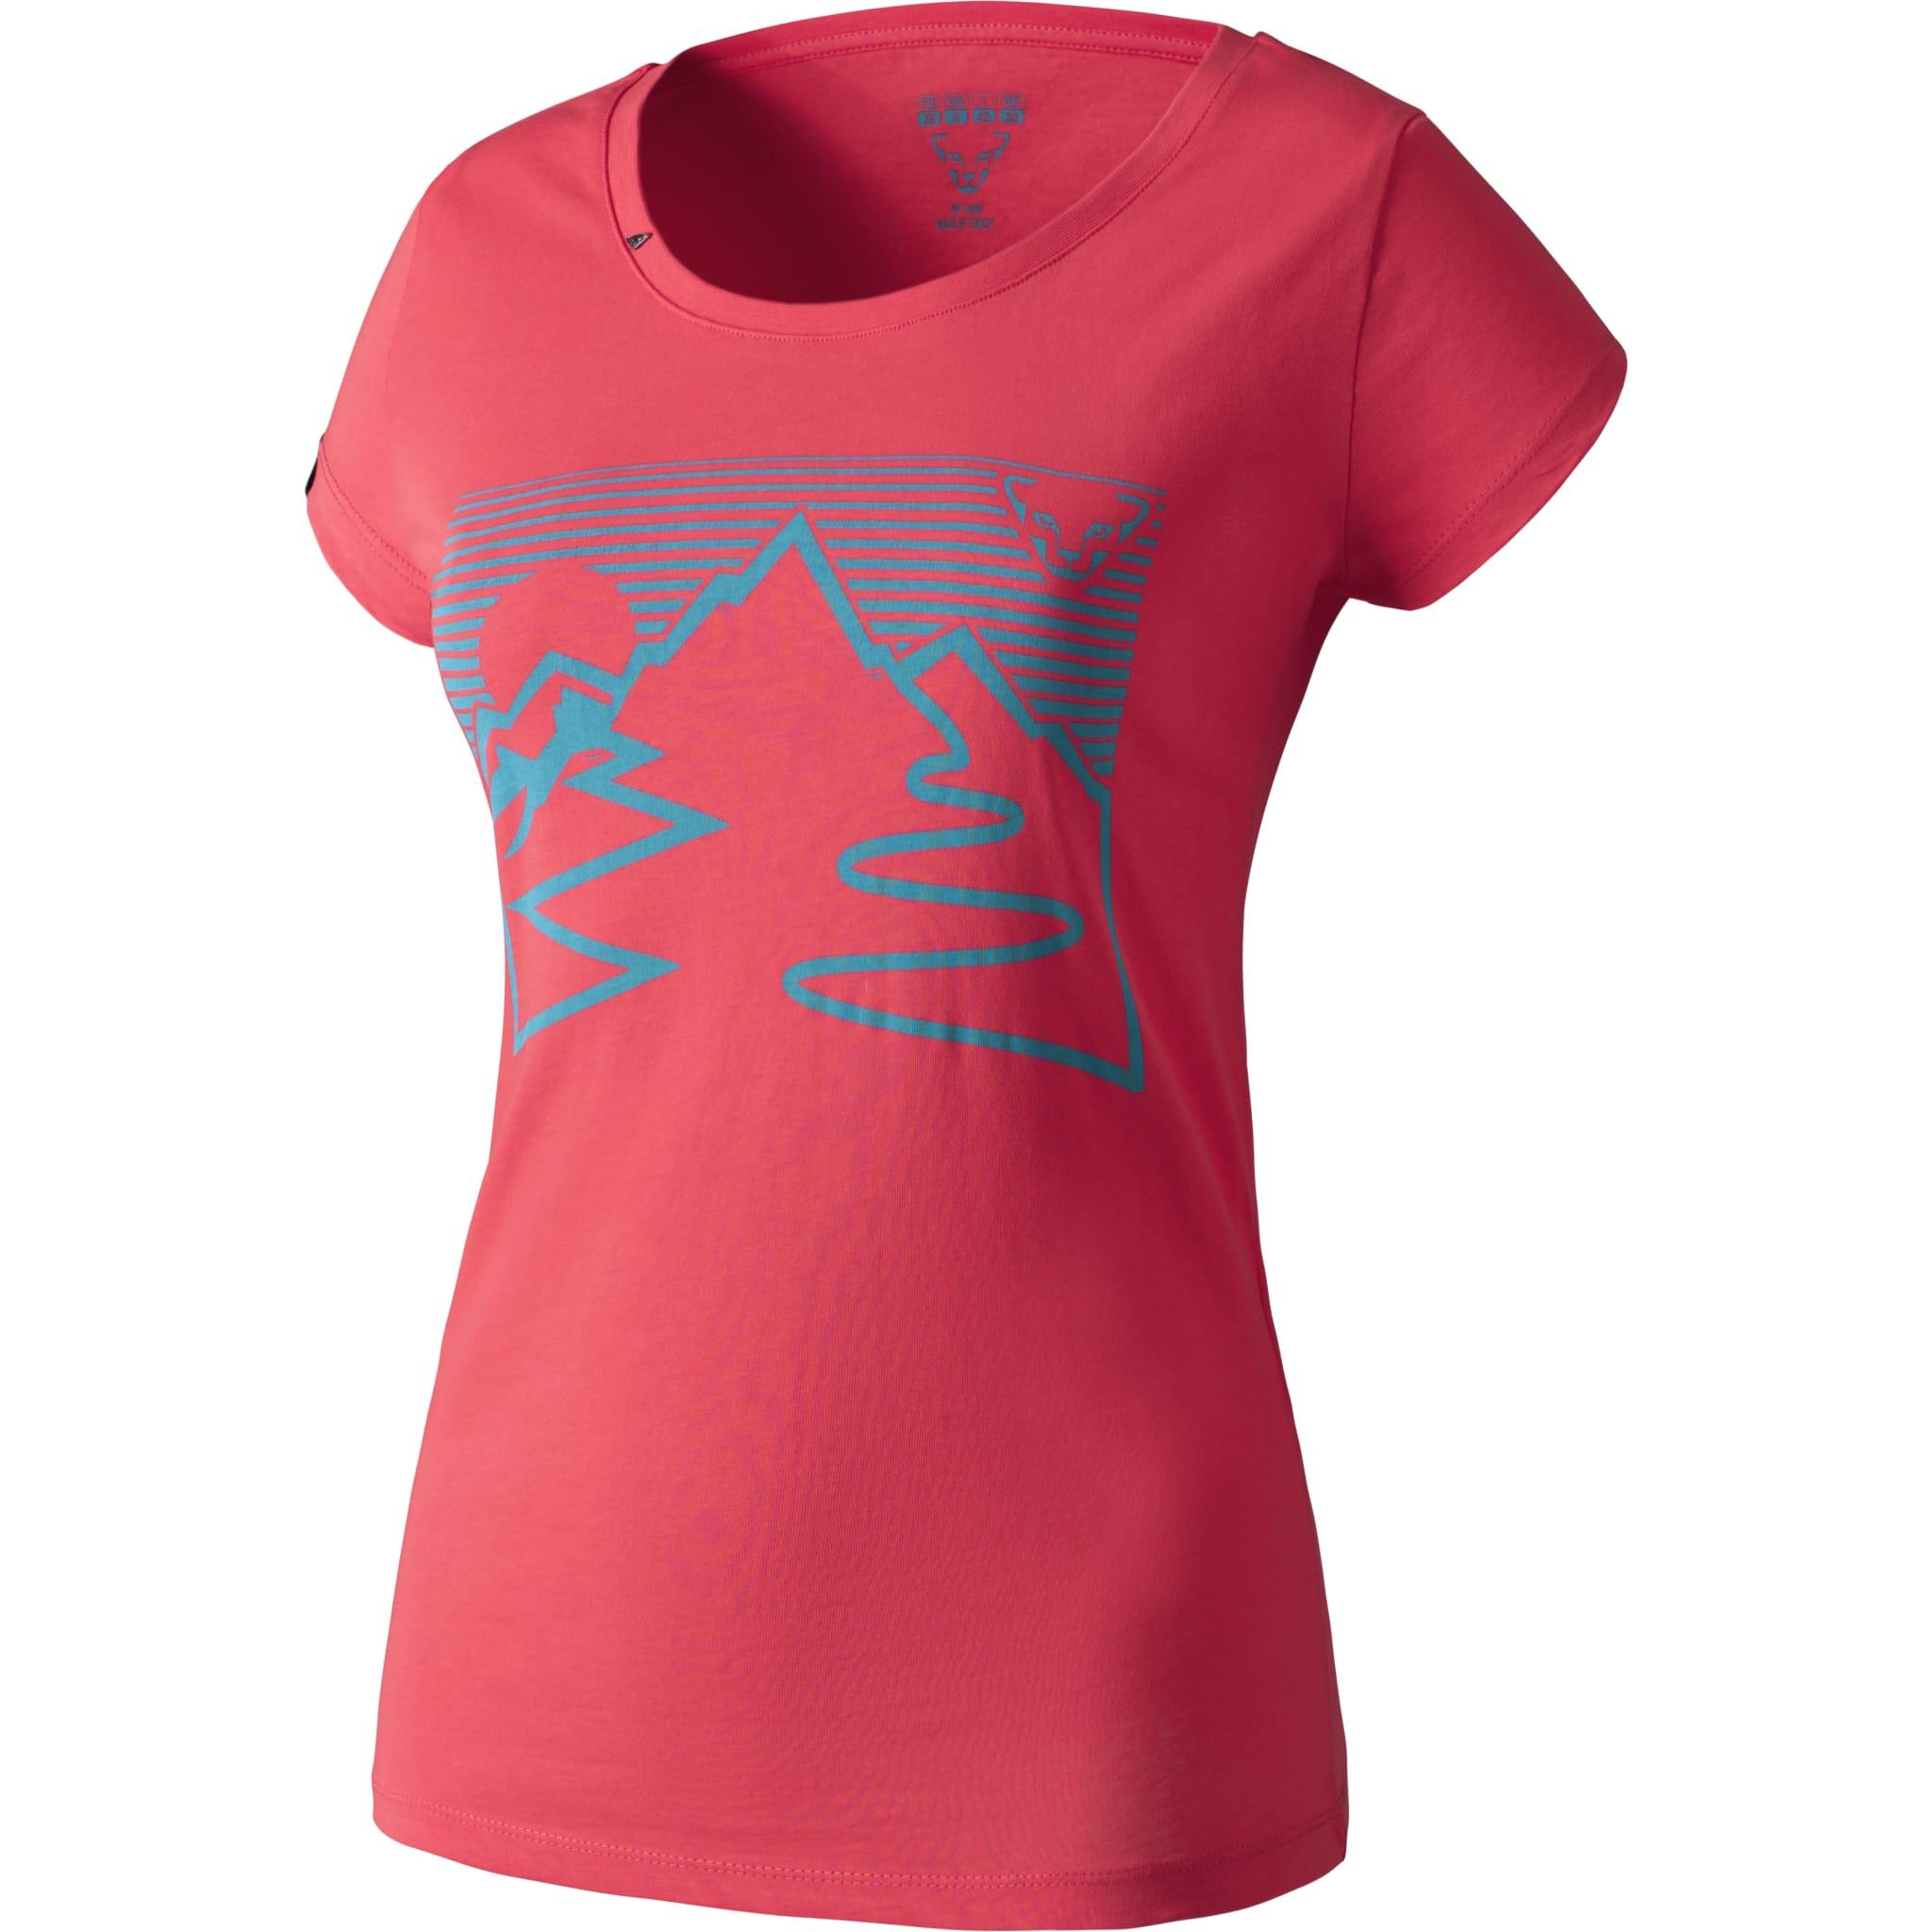 T-skjorte i 100% bomull med inspirerende trykk